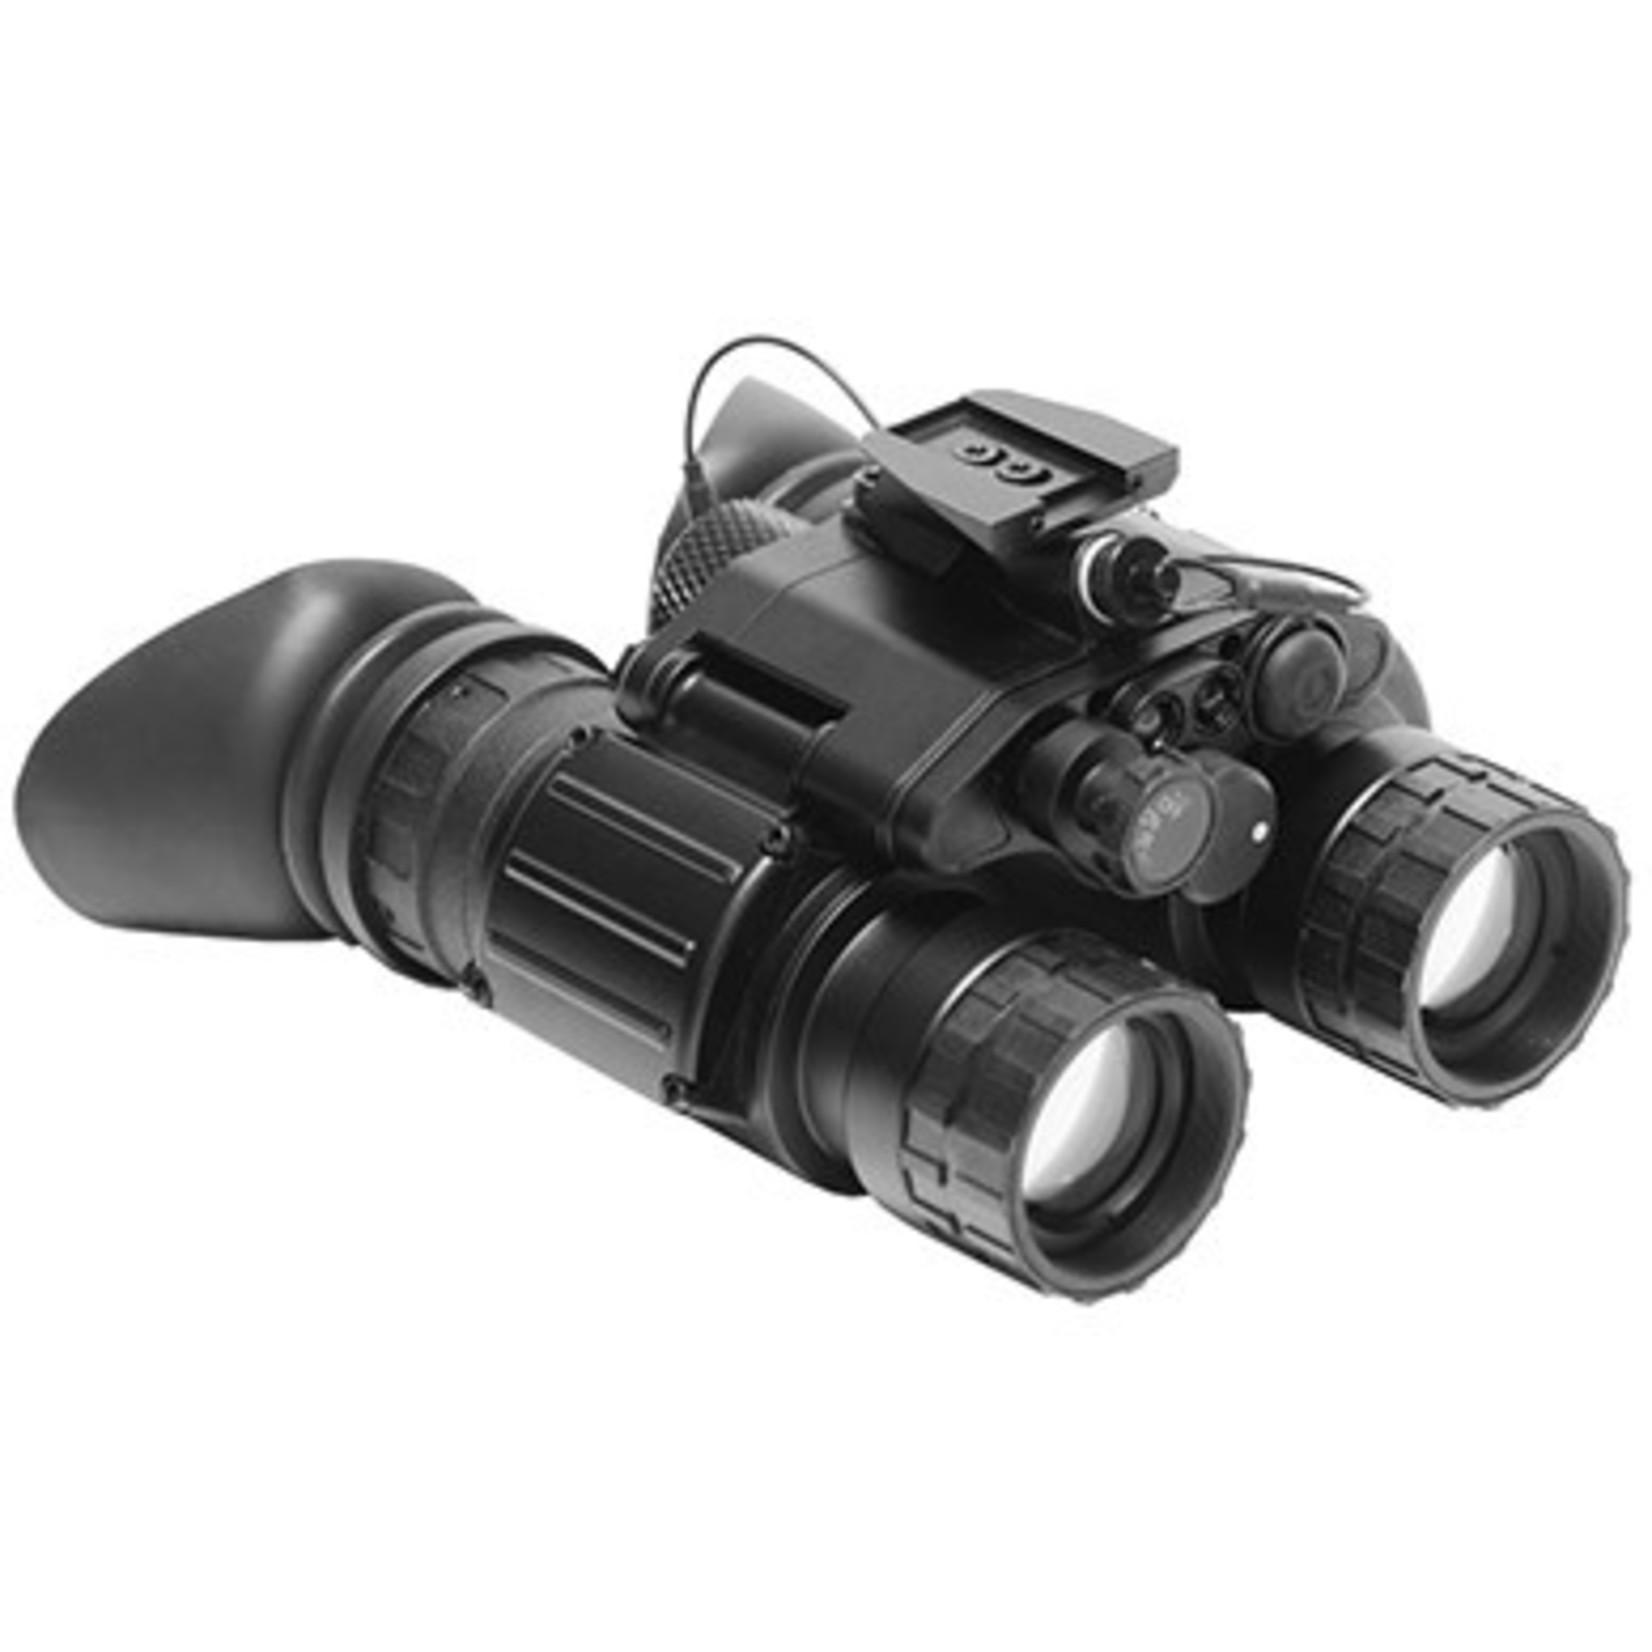 GSCI PVS-31C NIGHT VISION